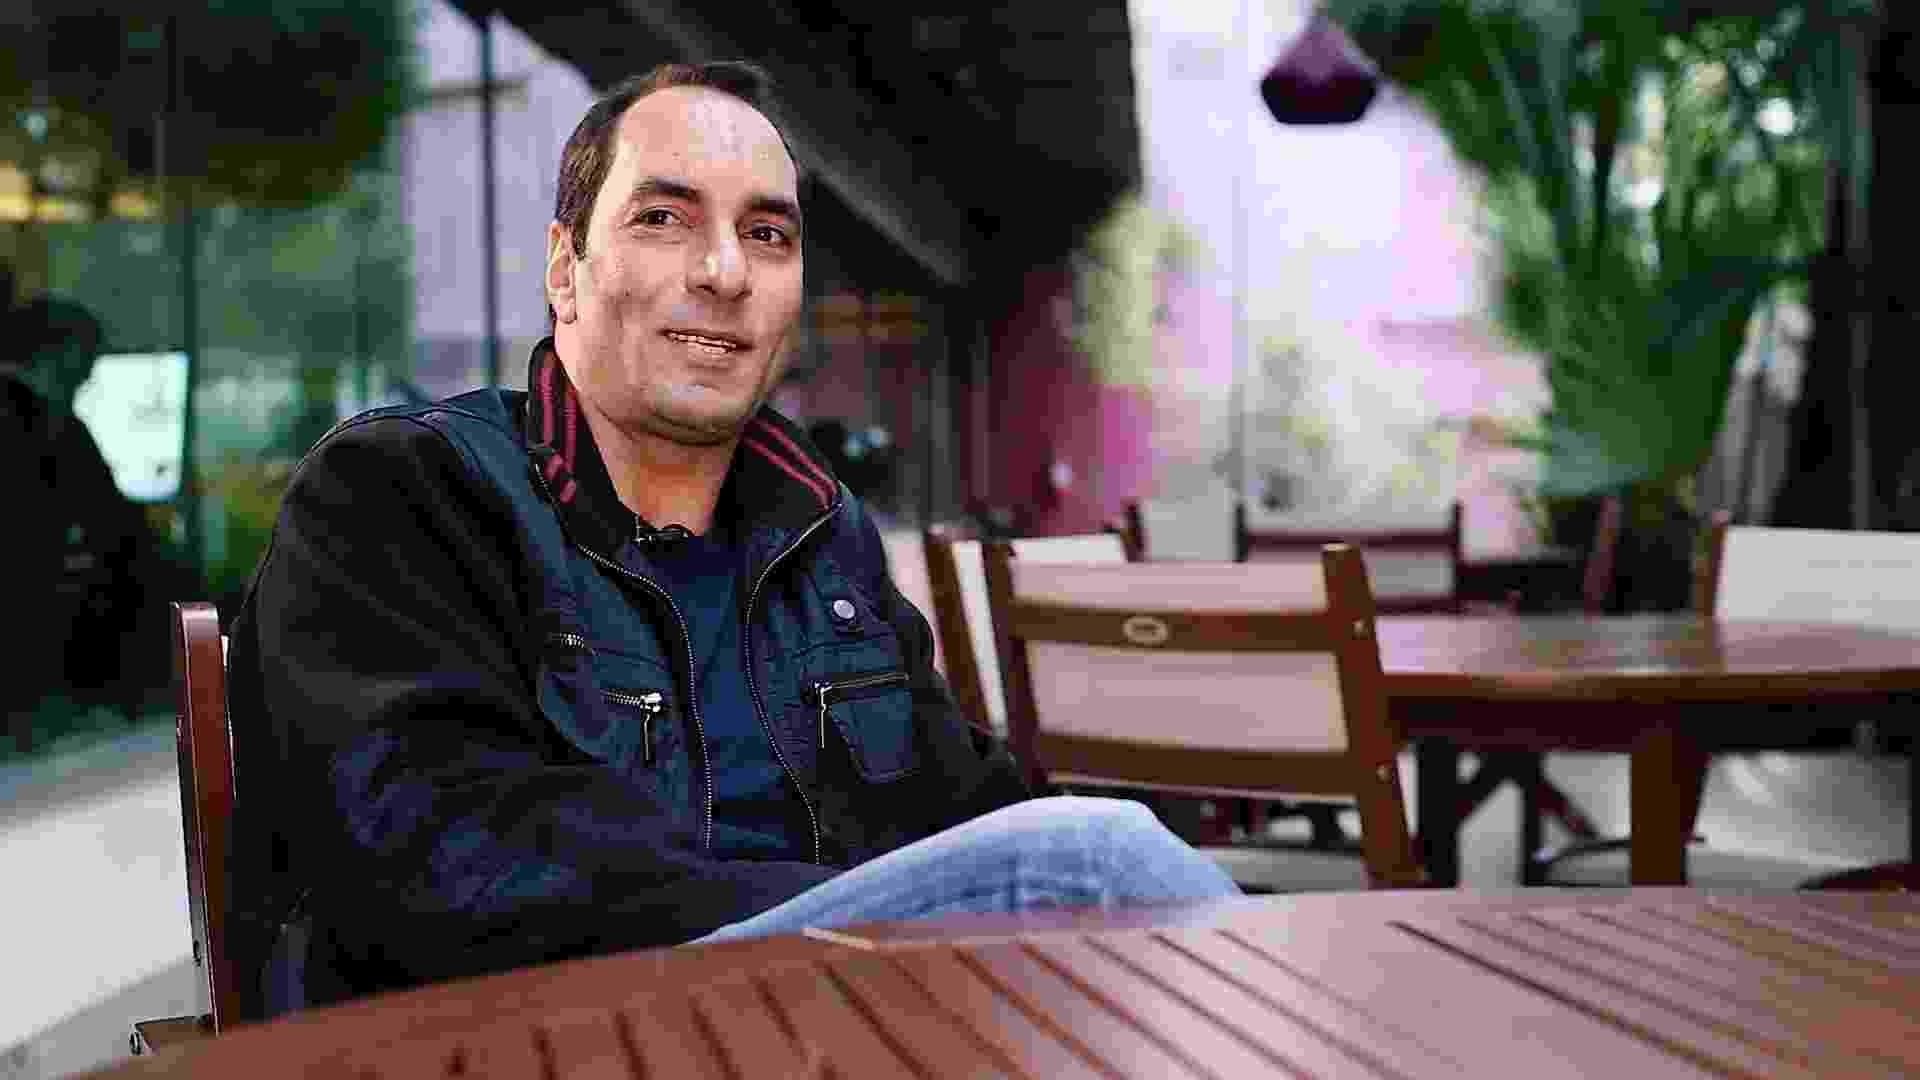 Edmundo ri em entrevista exclusiva ao UOL - Marcelo Ferraz/UOL